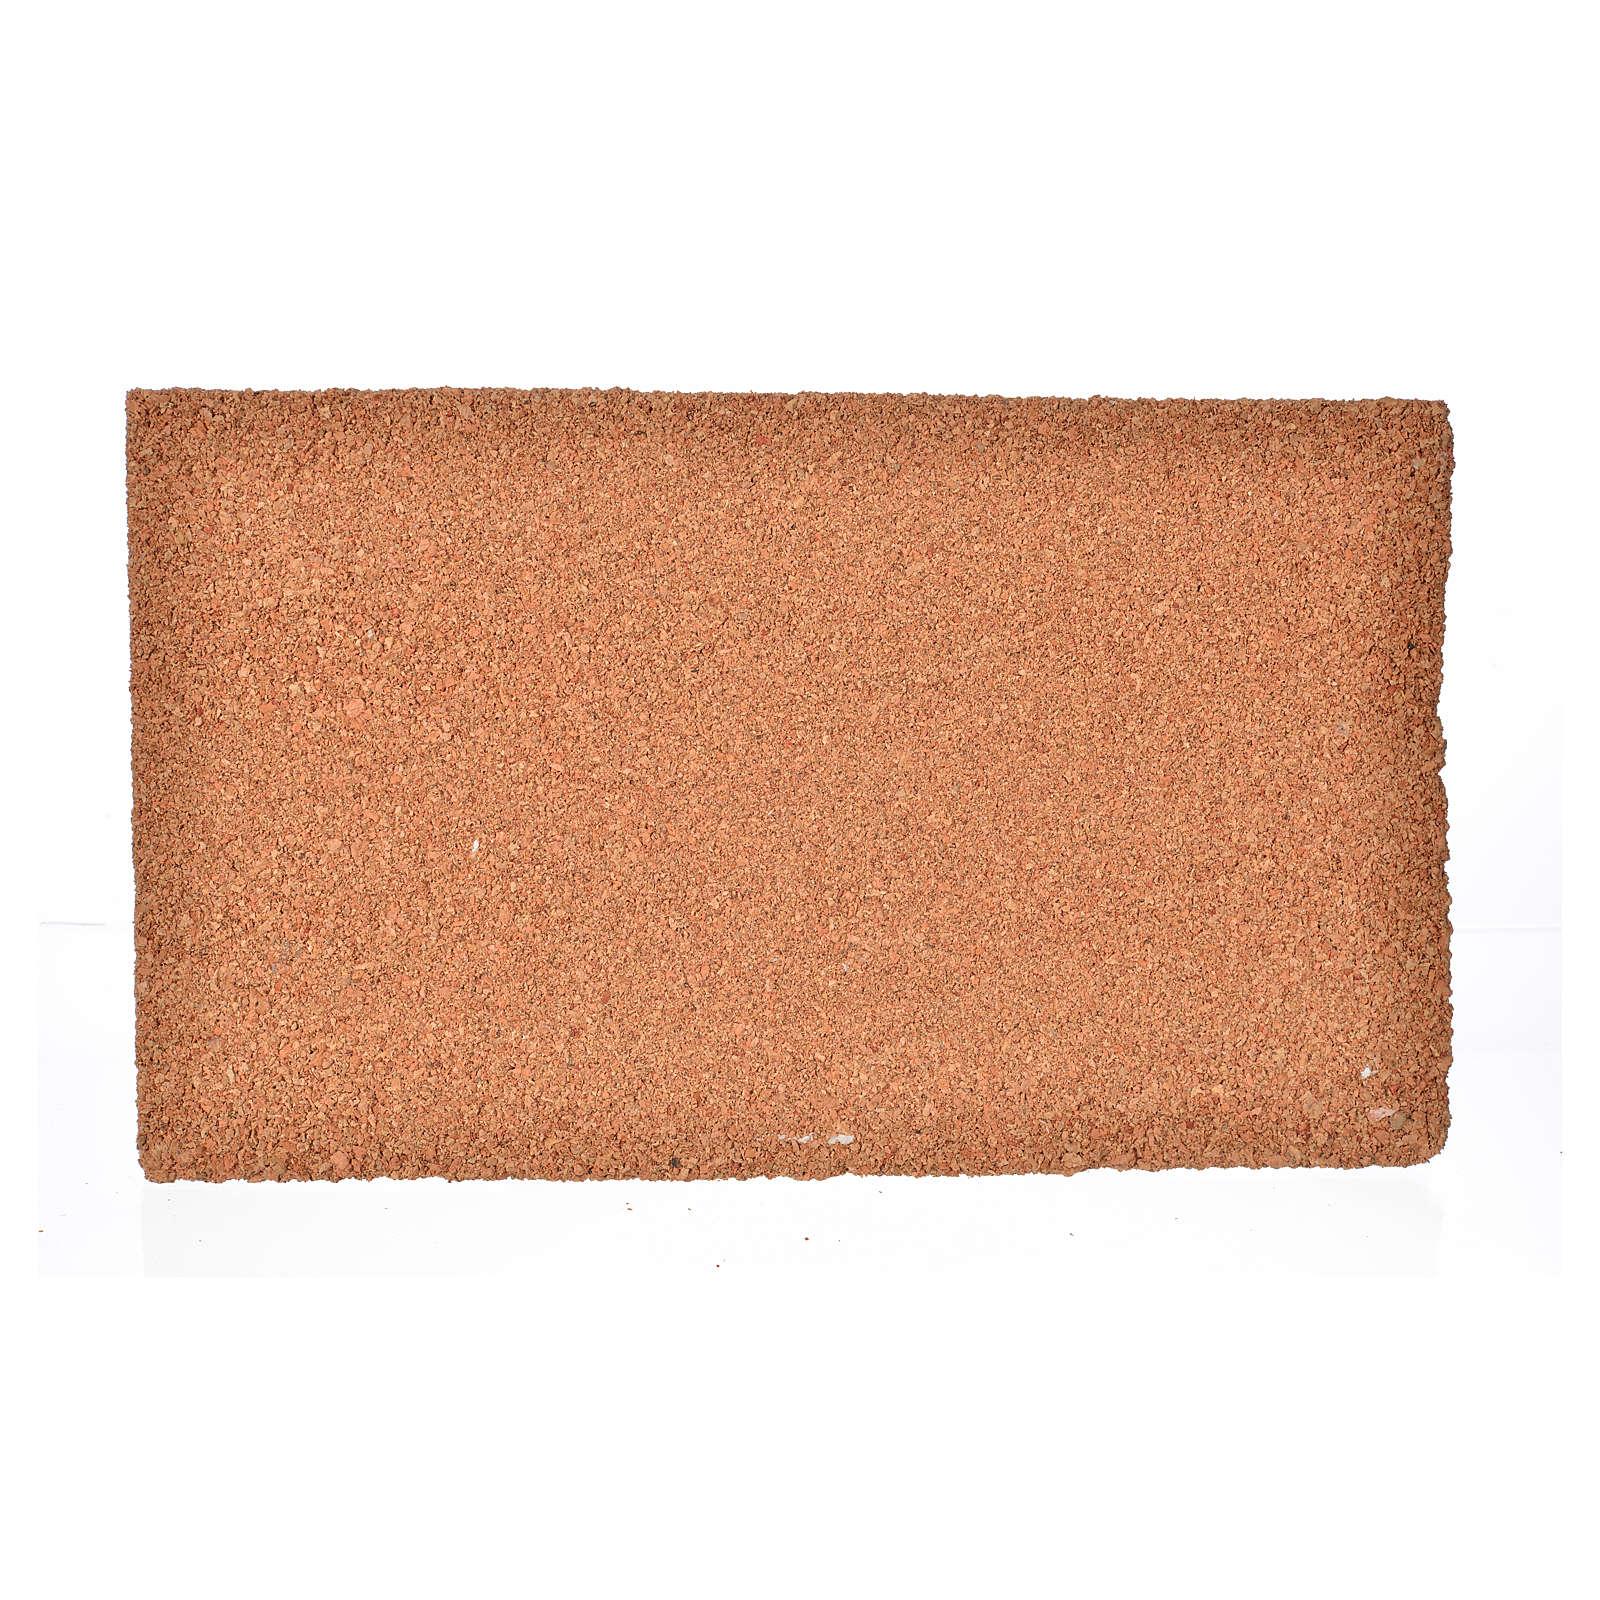 panneau briques pierres en li ge 33x20x1 5 vente en ligne sur holyart. Black Bedroom Furniture Sets. Home Design Ideas